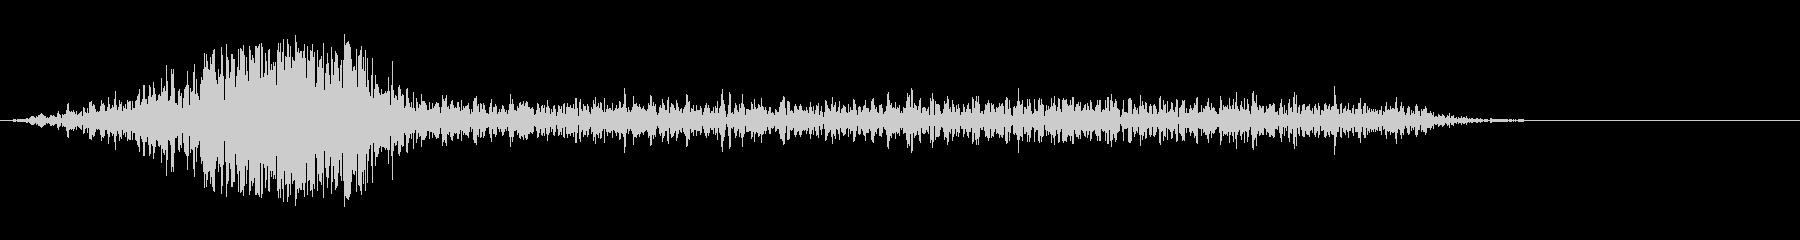 シューッという音EC07_88_3 2の未再生の波形